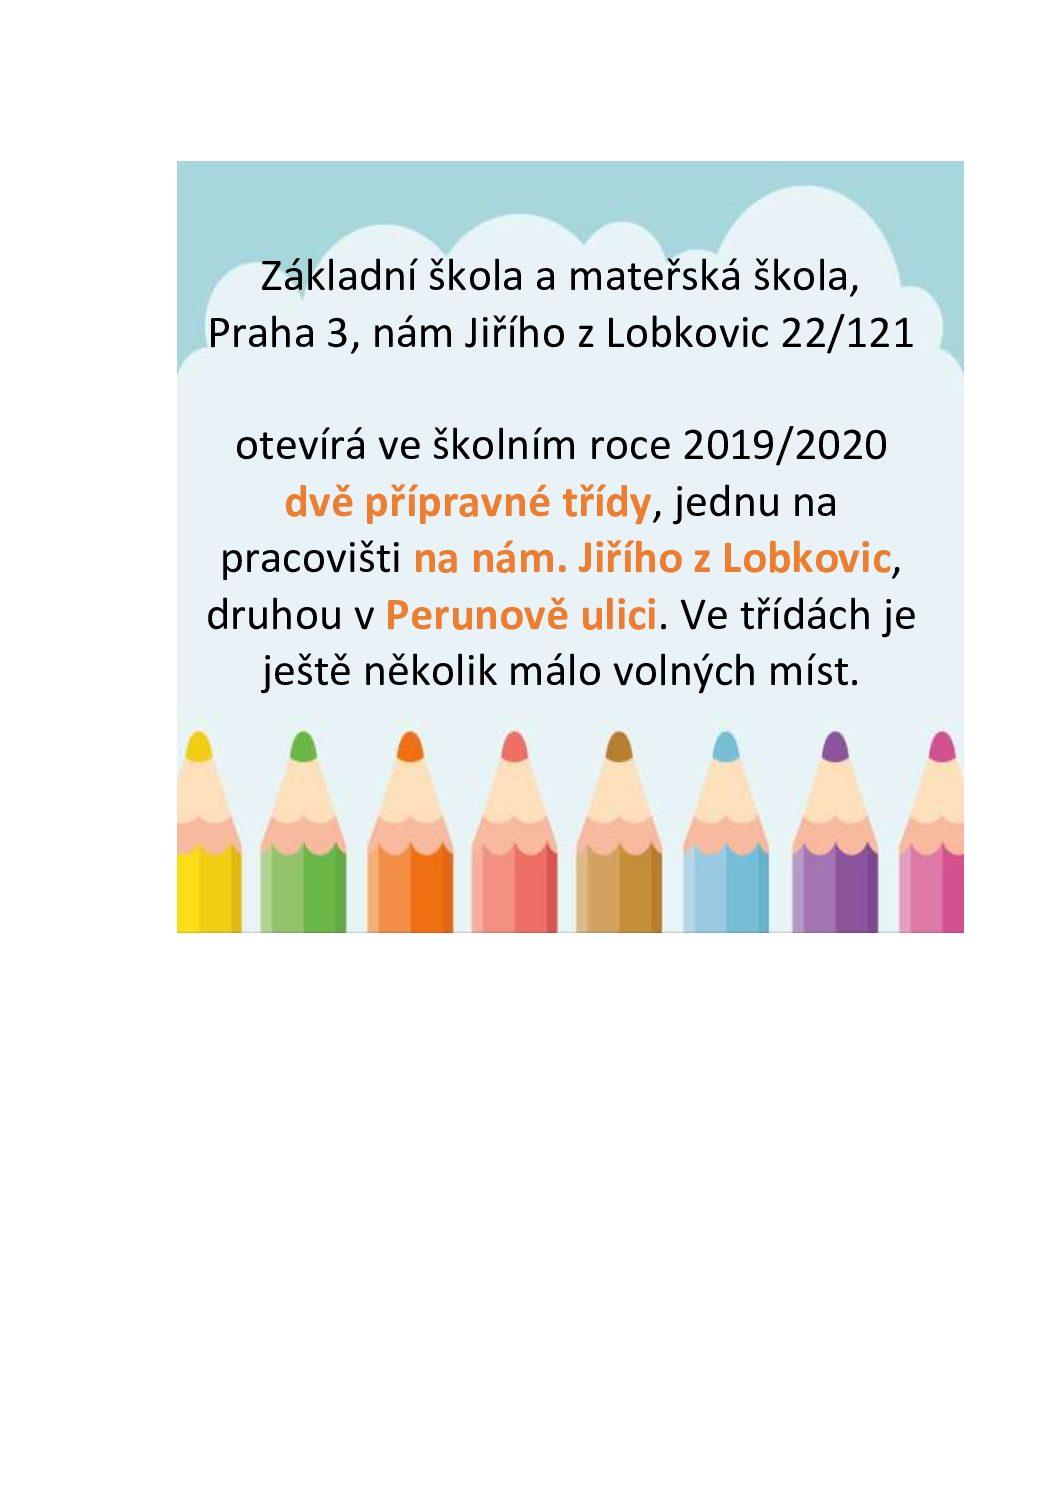 Přípravné třídy na ZŠ Jiřího z Lobkovic